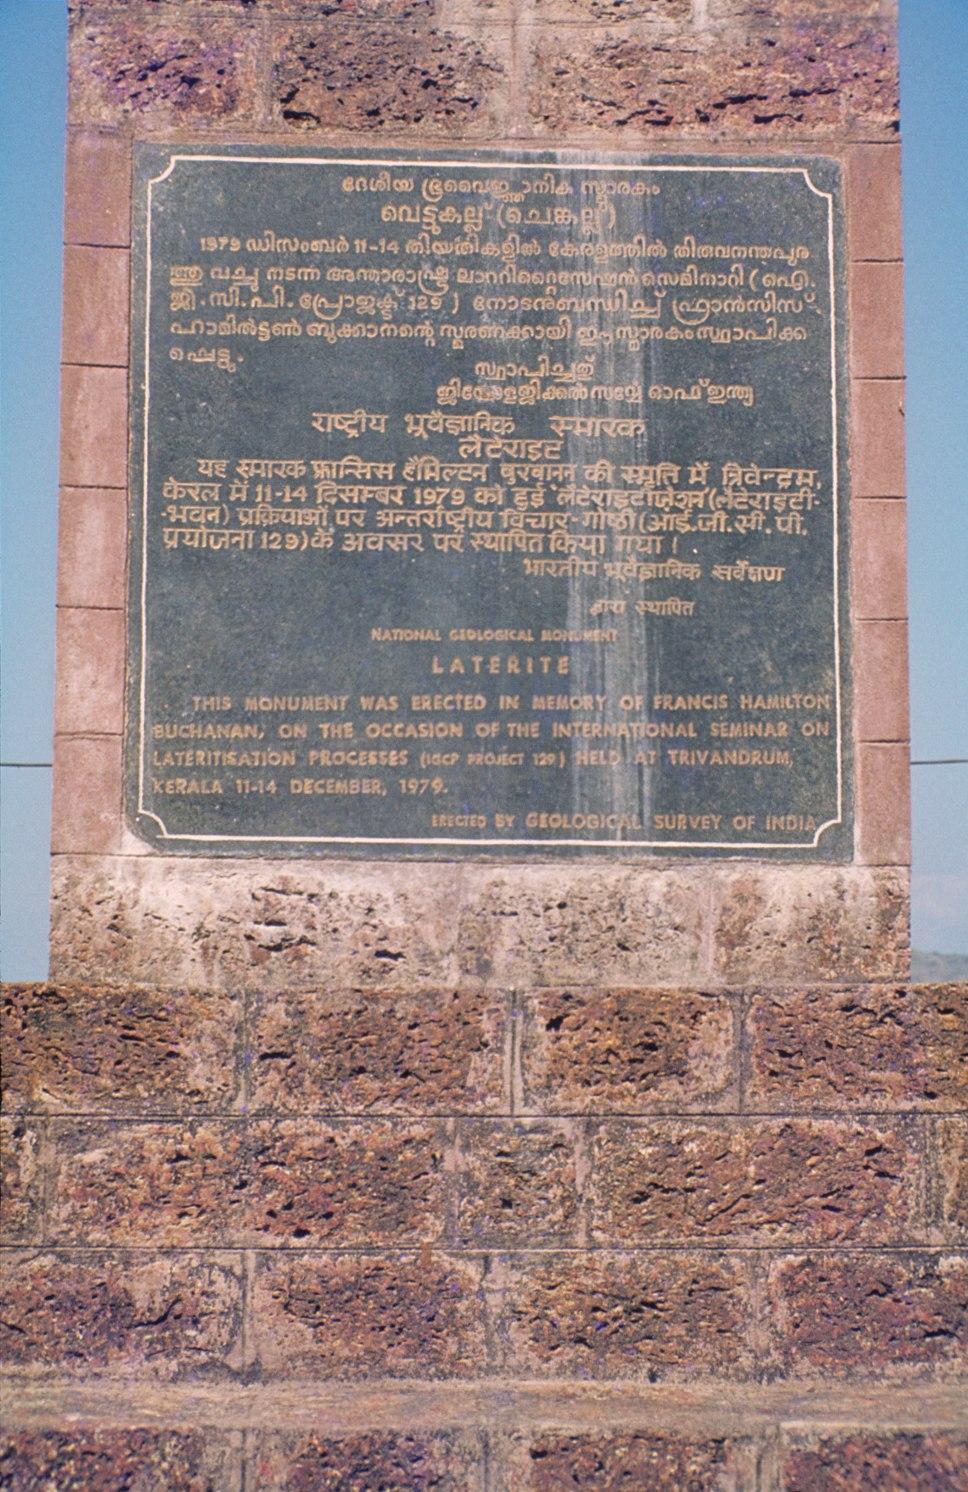 Laterite monument. C 002